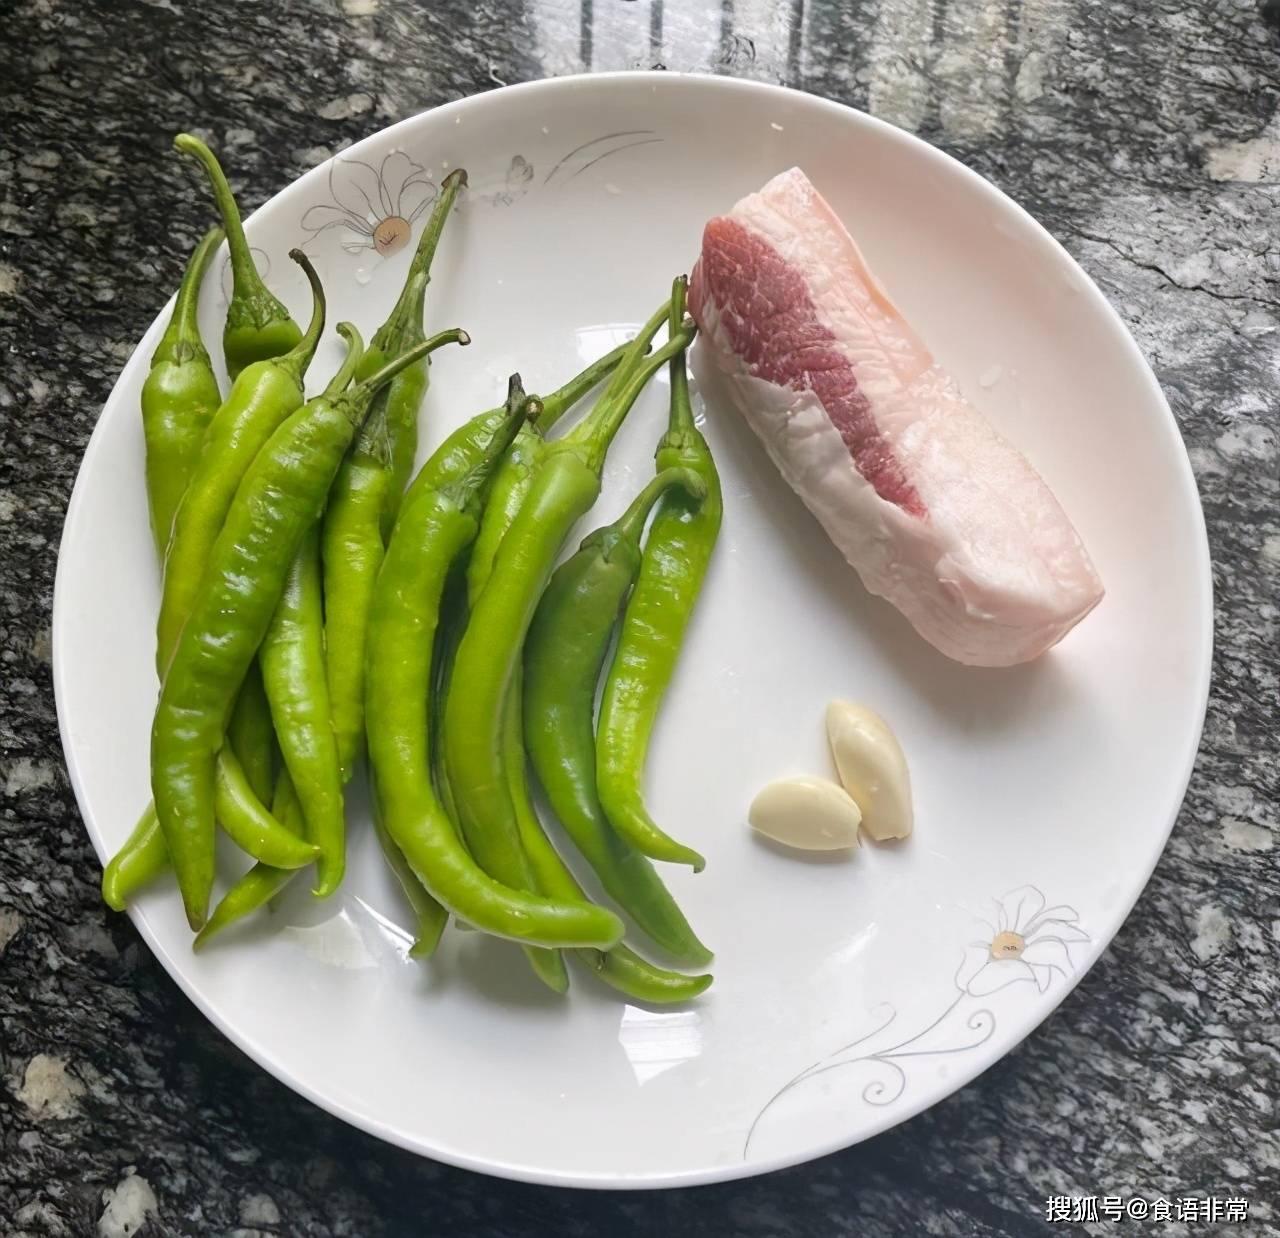 尖椒炒肉時,是先炒辣椒還是先炒肉?順序做對了,你也是大廚